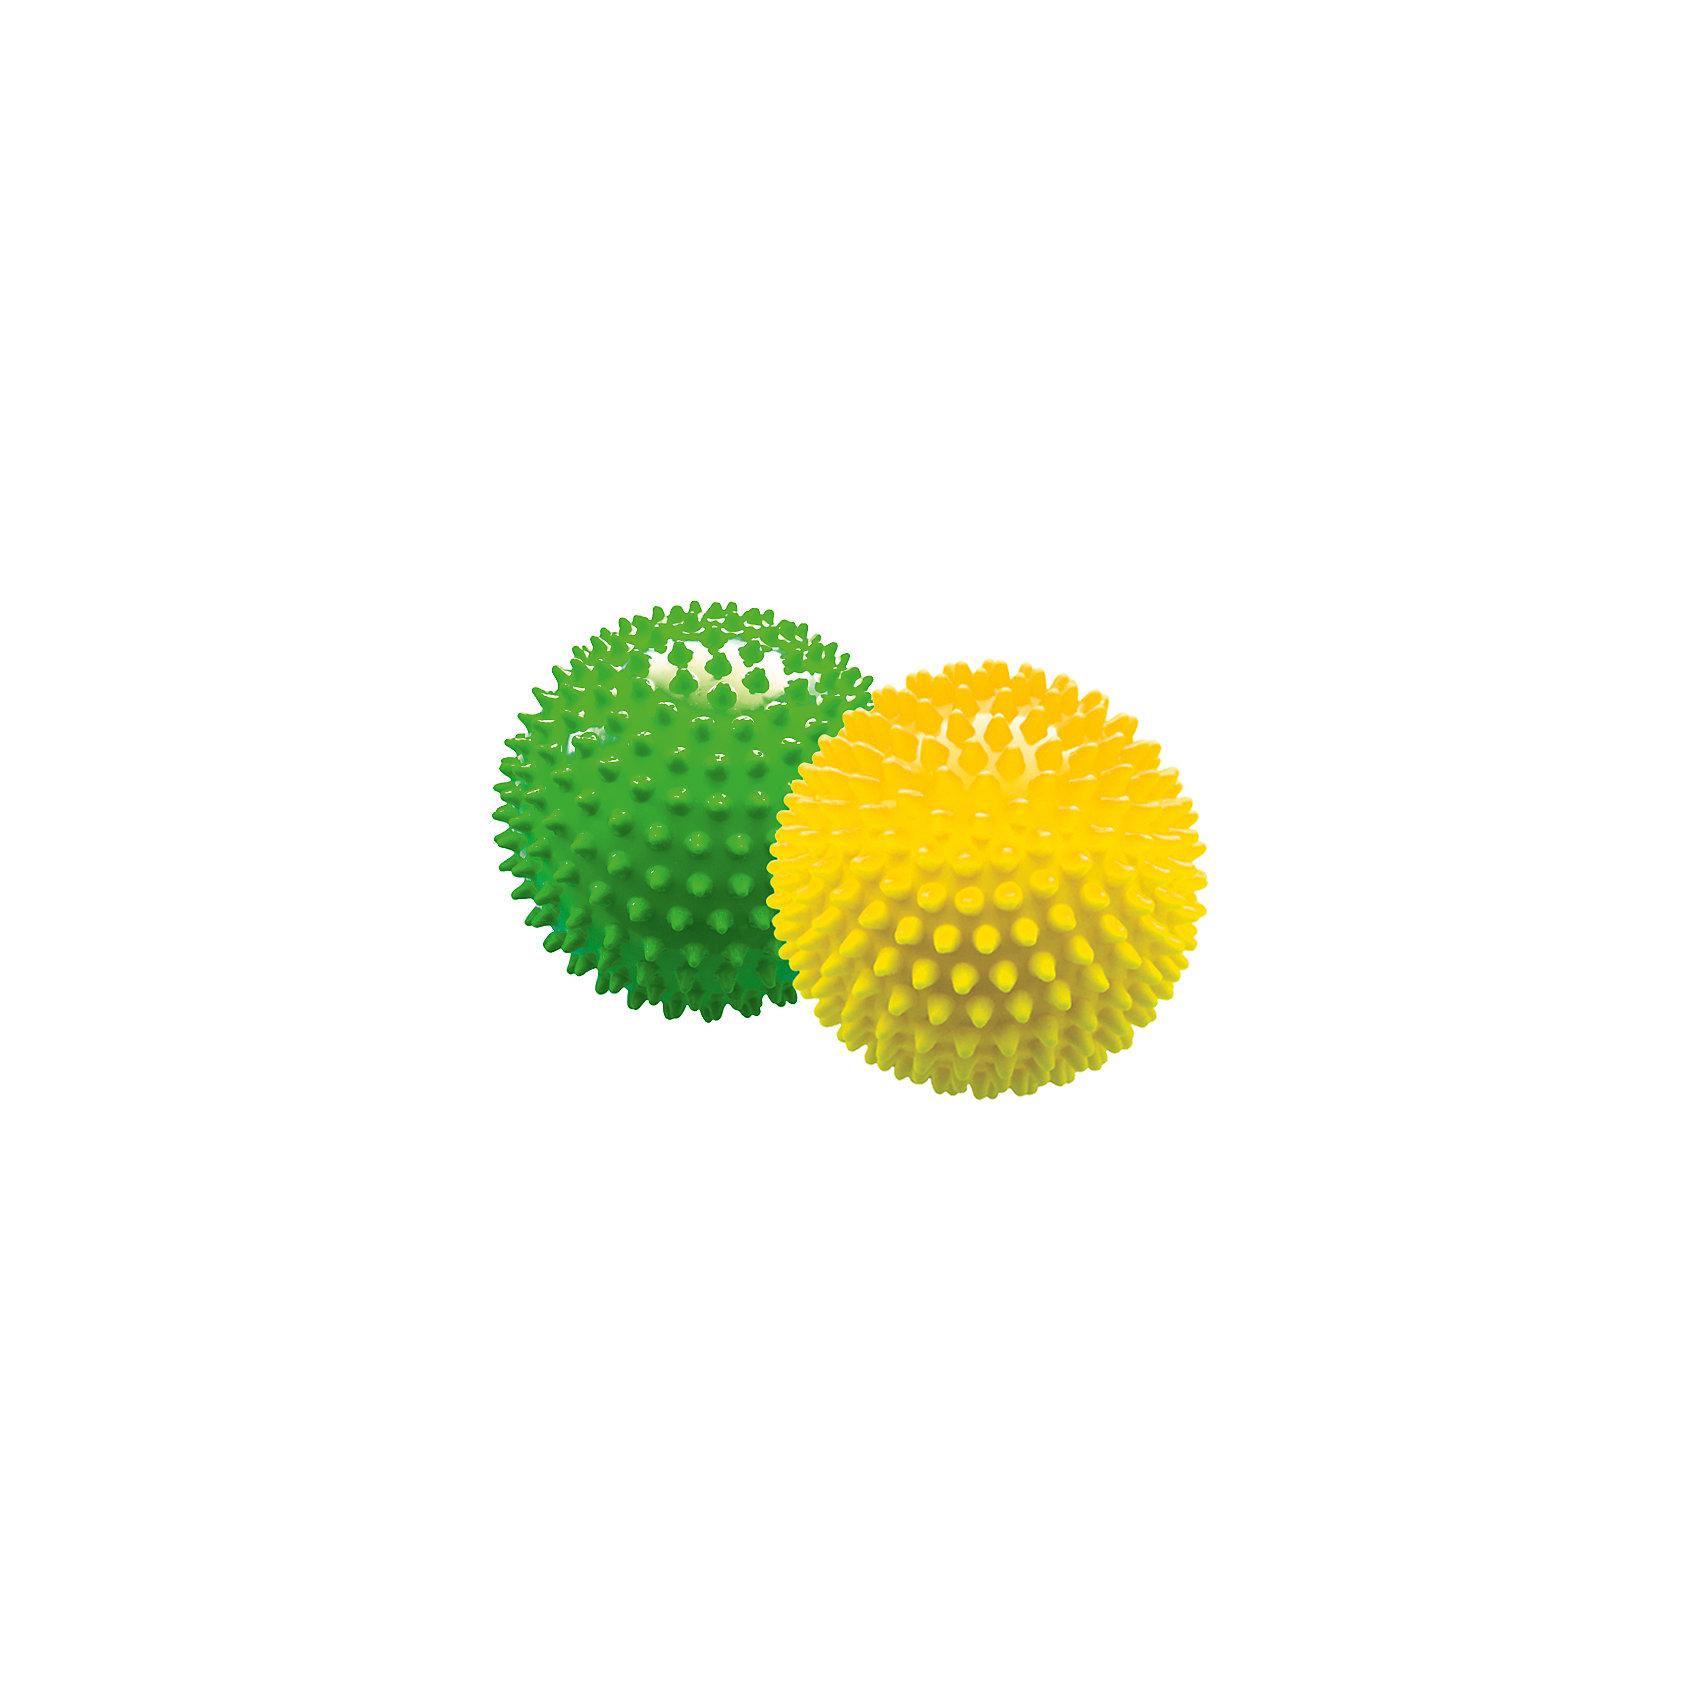 Набор мячей ёжиков, желтый и зеленый, 12 см, МалышОКМячи детские<br><br><br>Ширина мм: 260<br>Глубина мм: 130<br>Высота мм: 130<br>Вес г: 150<br>Возраст от месяцев: 6<br>Возраст до месяцев: 2147483647<br>Пол: Унисекс<br>Возраст: Детский<br>SKU: 6894022